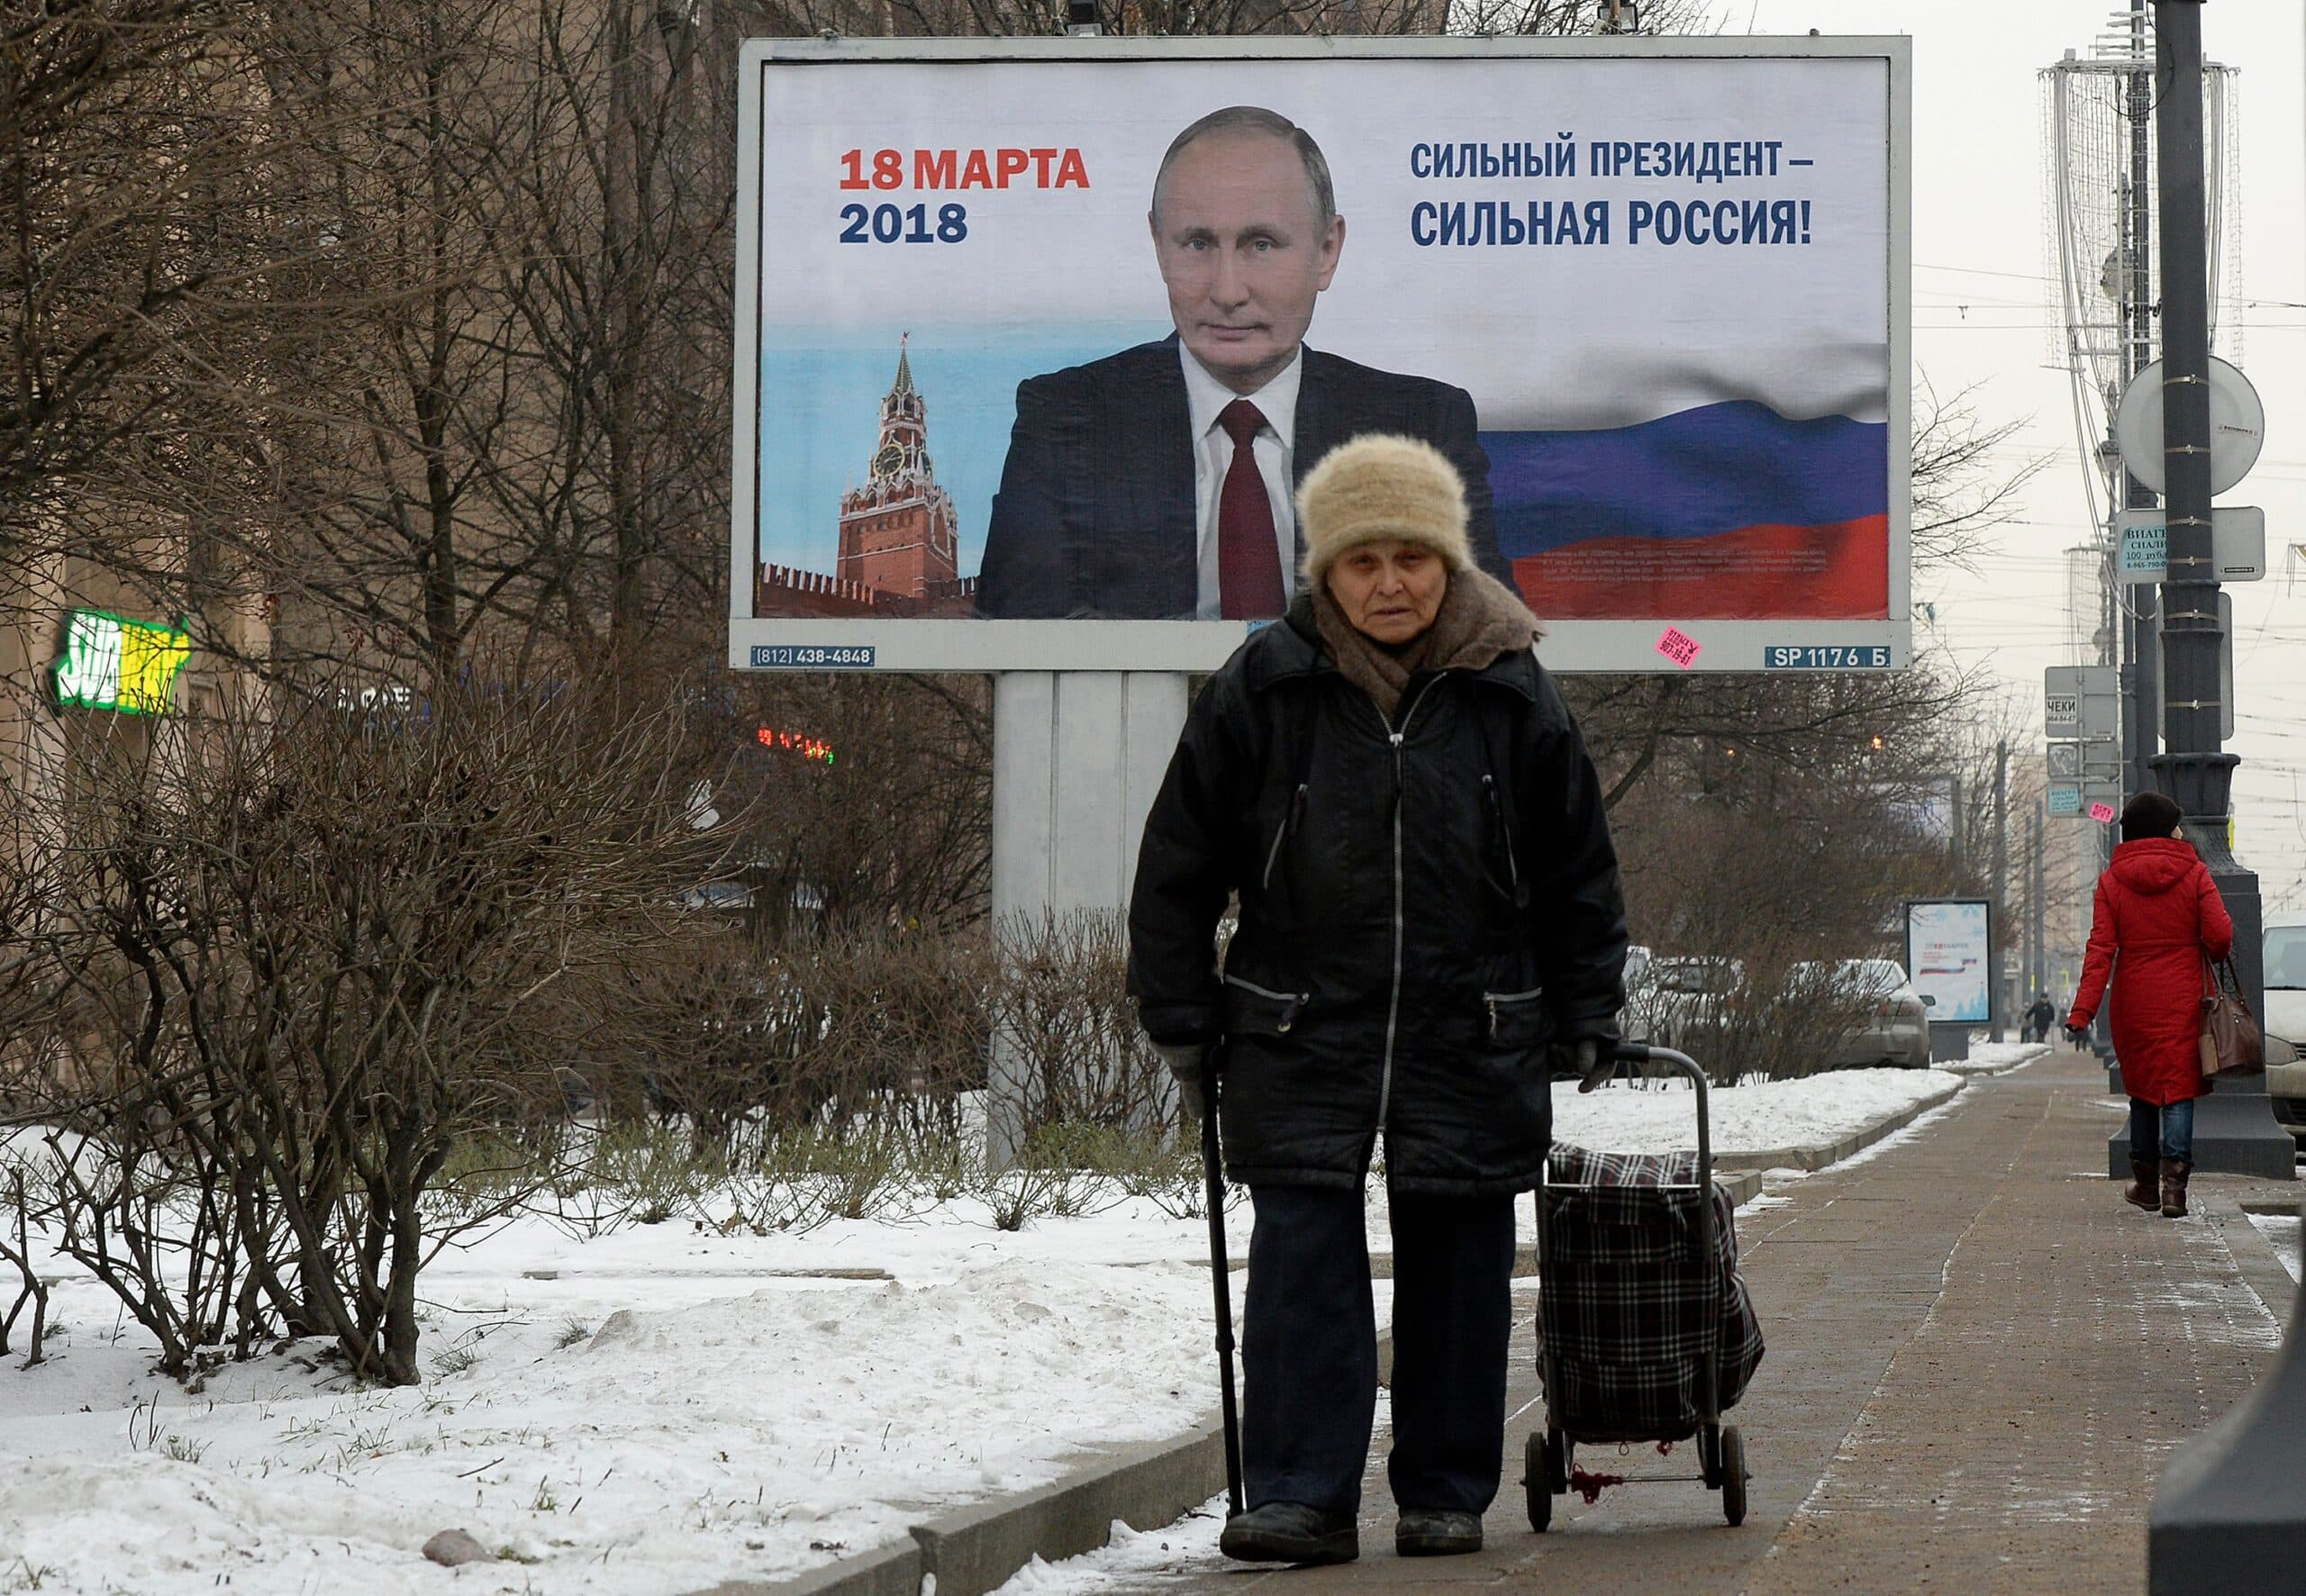 Rușii, șocați de politica lui Puțin: Țara lor o duce mai rău decât România